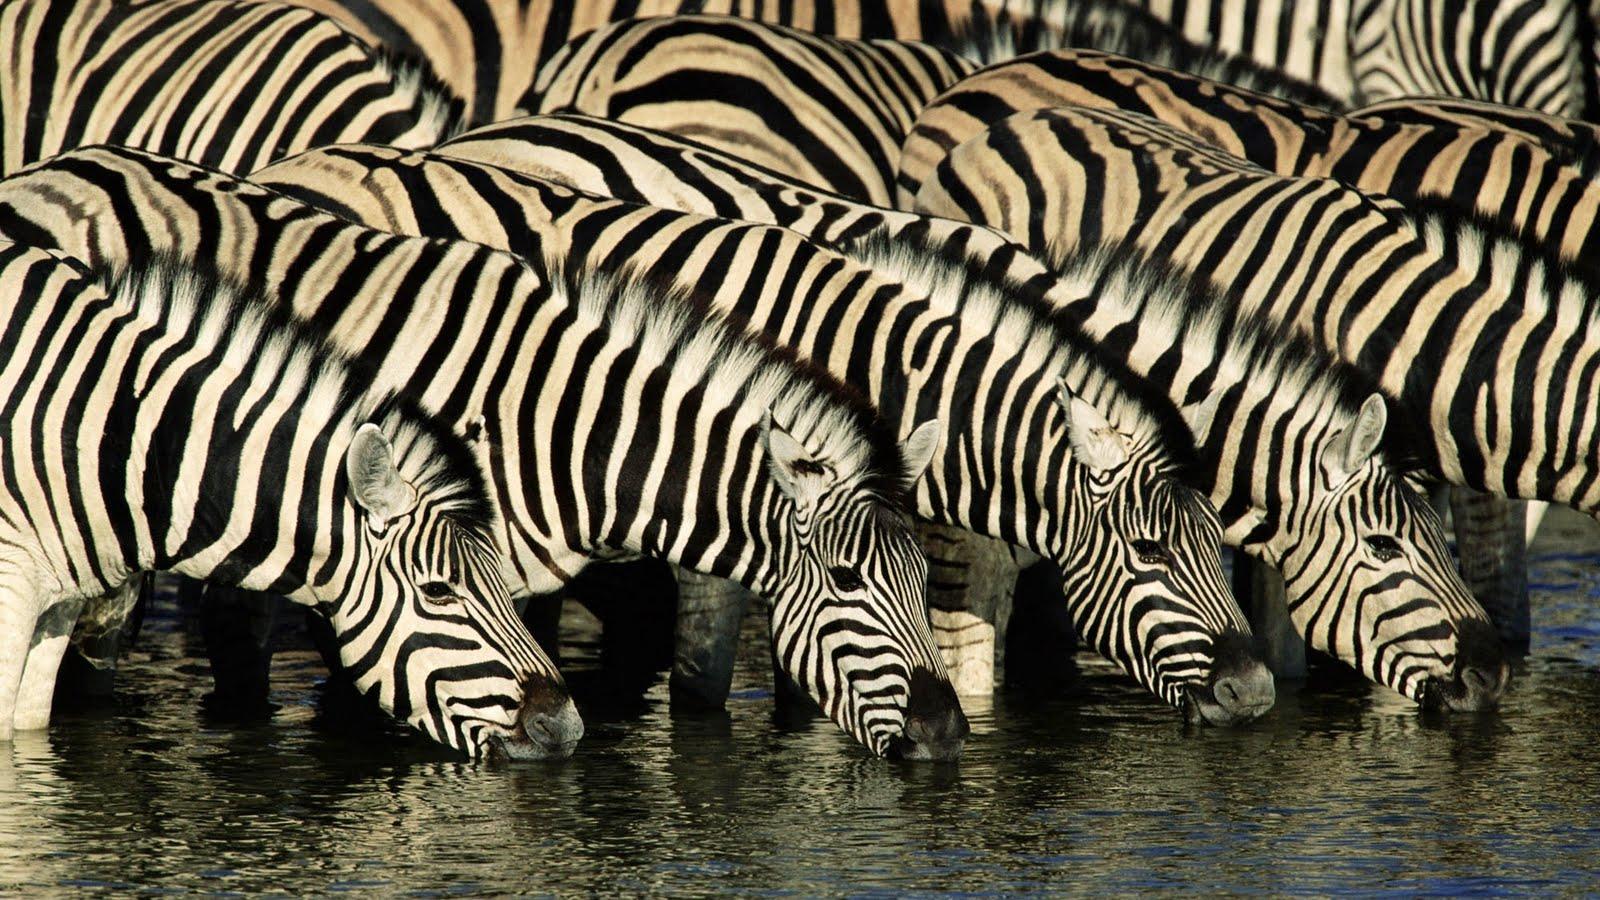 http://3.bp.blogspot.com/-ybe1V1ETogE/UOt-ywMsSYI/AAAAAAAAAgs/ZiJErVhRGZA/s1600/zebras-animal-wallpaper-1920x1080-45.jpg